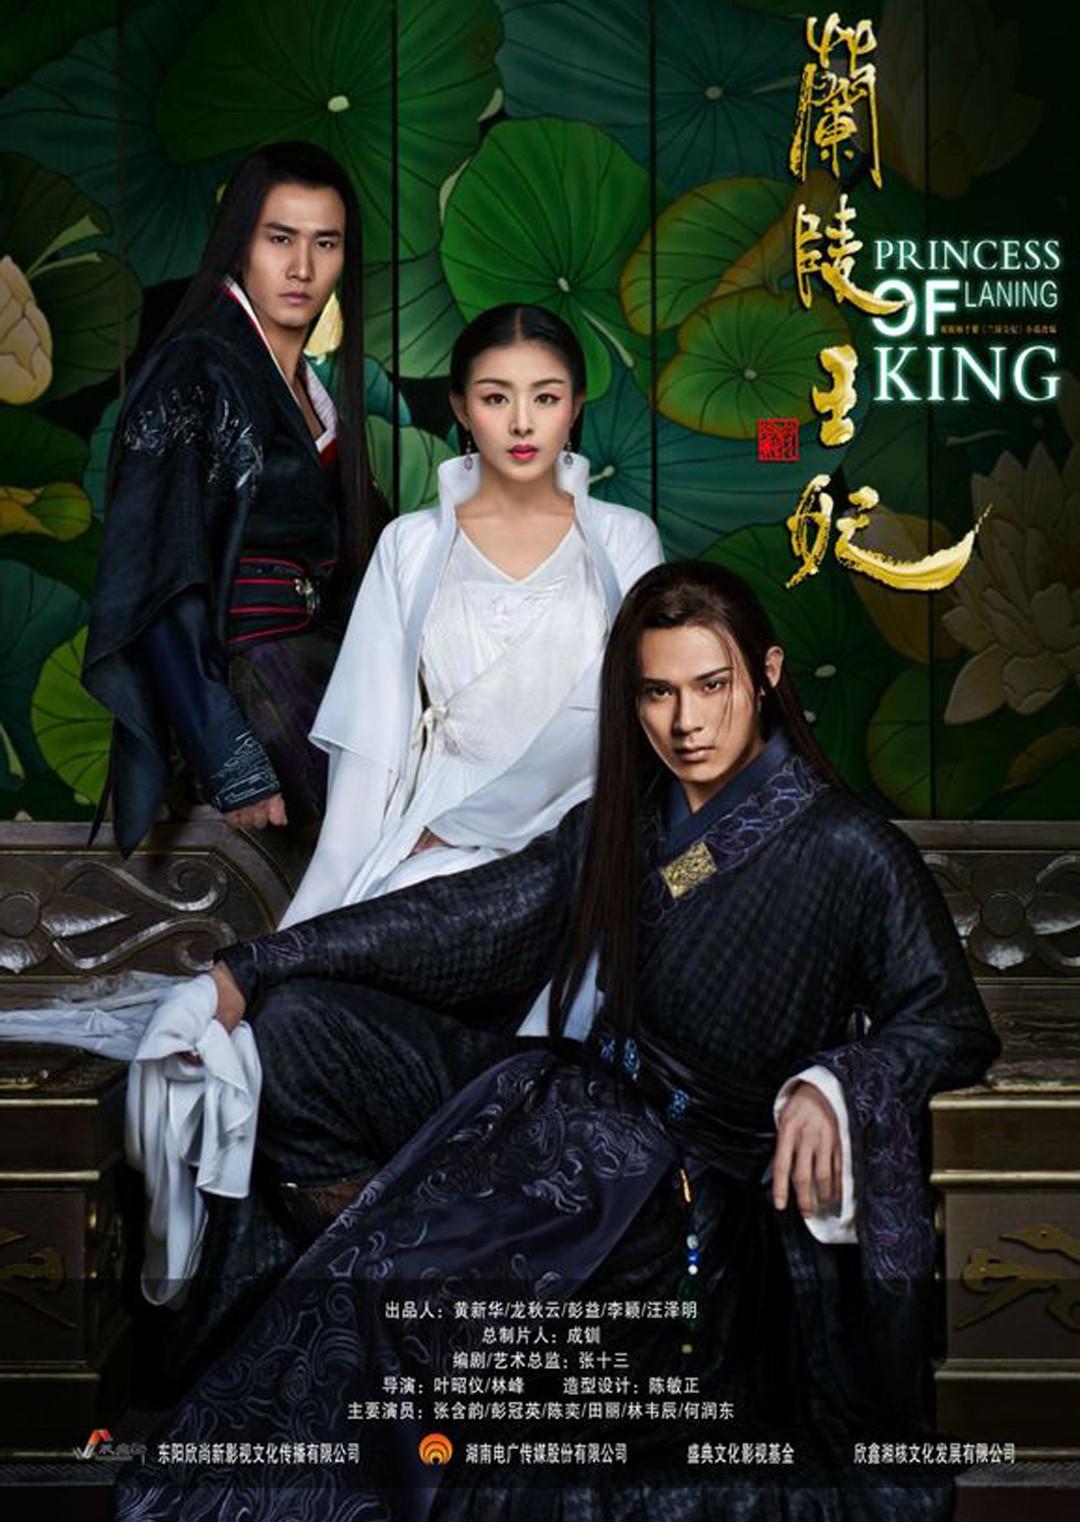 兰陵王妃 DVD版